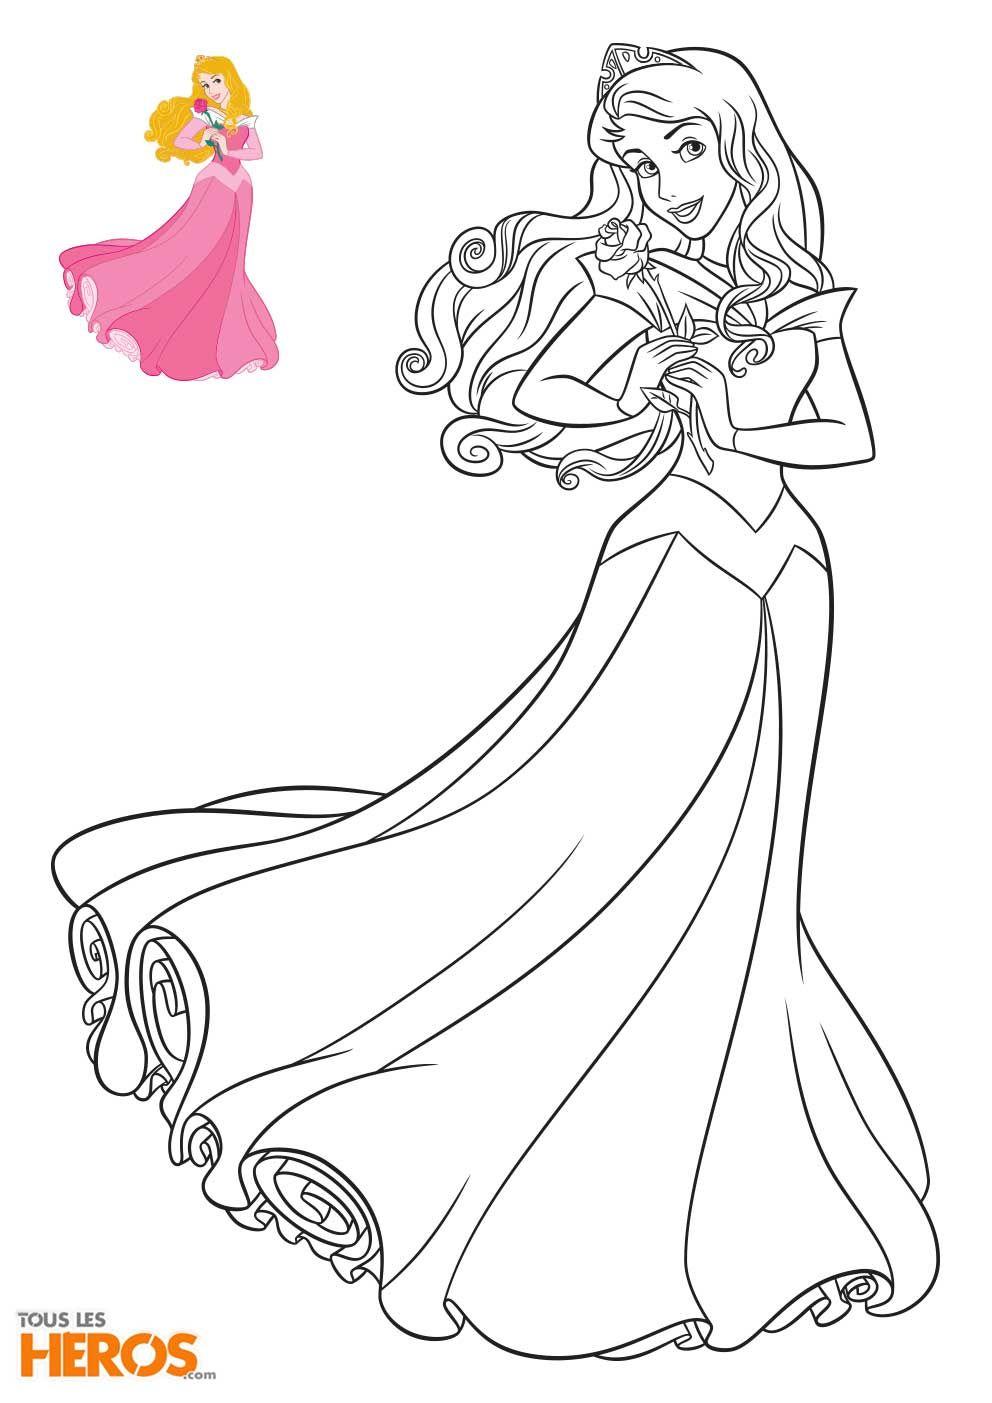 Coloriage Blanche Neige Et Cendrillon.Epingle Par Mamy Kitine Sur Carte A Broder Coloriage Princesse